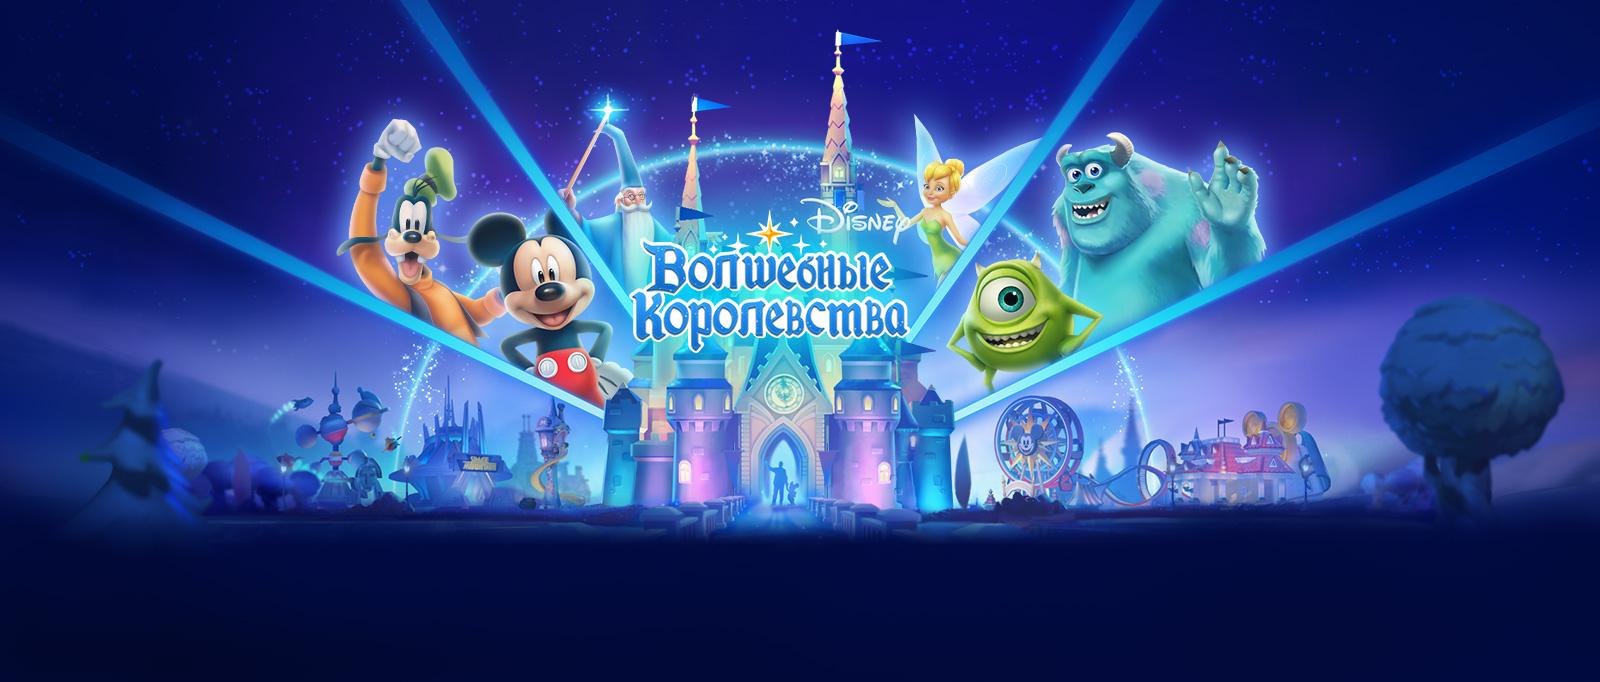 Волшебные королевства Disney